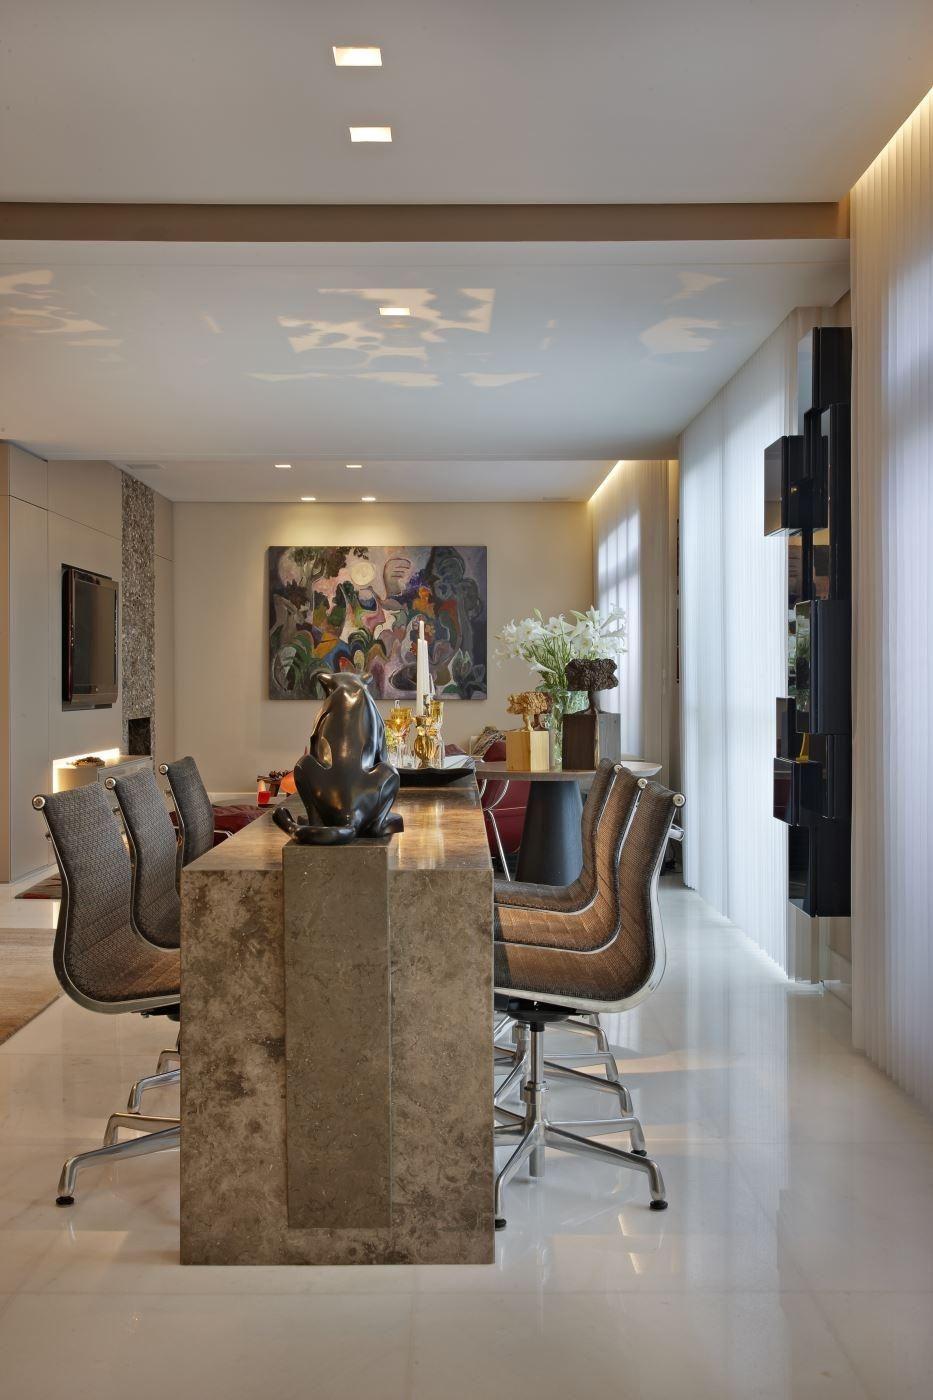 Cadeiras Cinza E Quadro Abstrato De Gislene Lopes 70150 No Viva Decora -> Quadro Abstrato Sala De Jantar